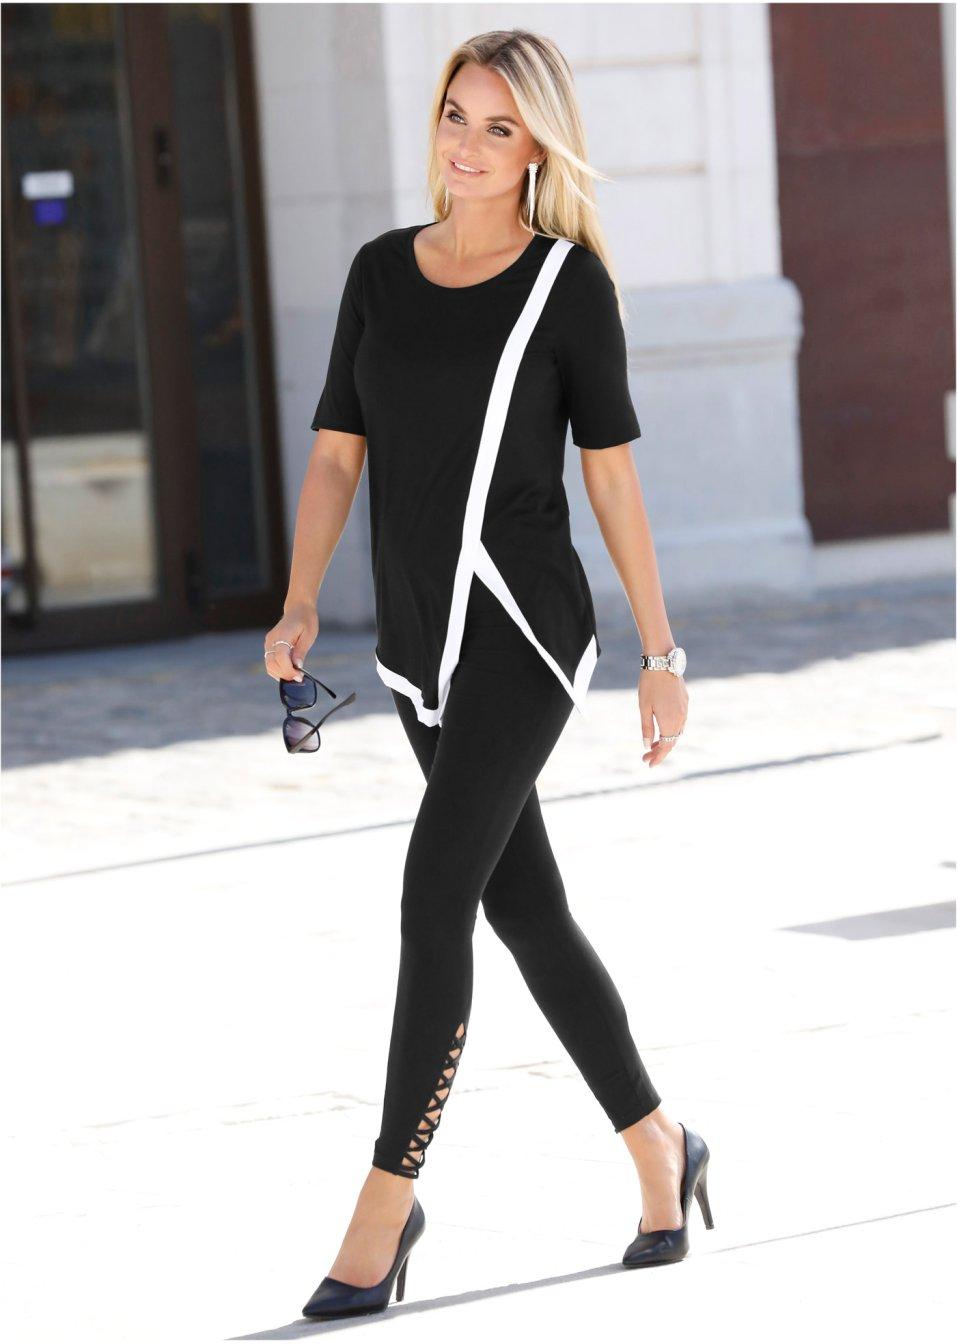 Mode Femme Vêtements DJLfdOFlkj Legging près du corps avec laçage noir